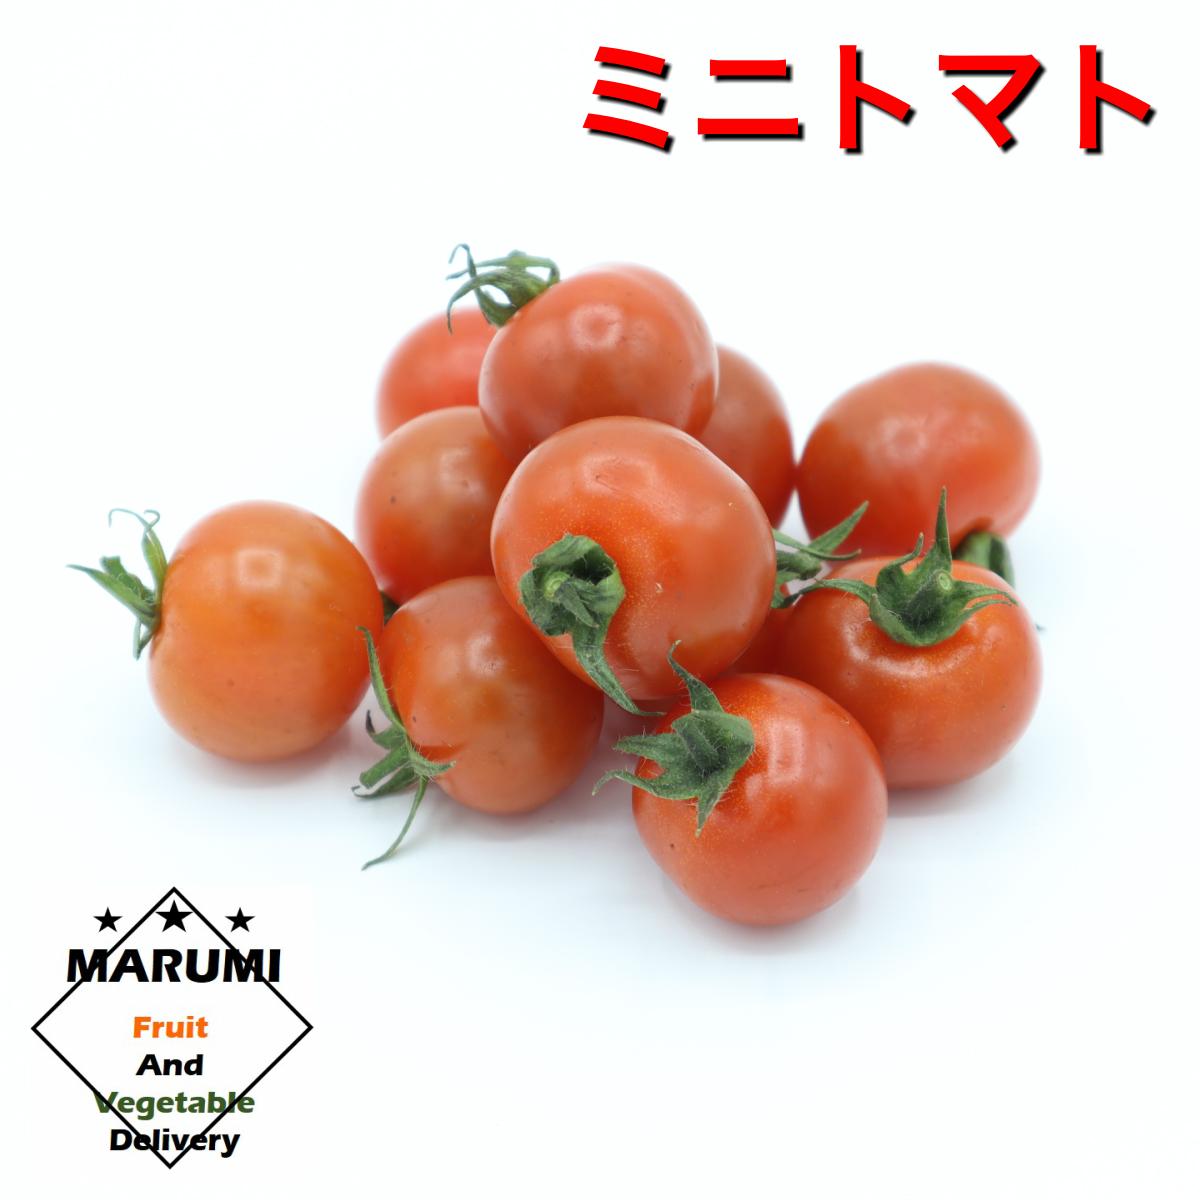 AL完売しました 安心 安全の野菜をお届けします ミニトマト200g セット野菜と同時購入で送料無料 千葉 熊本 茨城 愛知 驚きの値段で